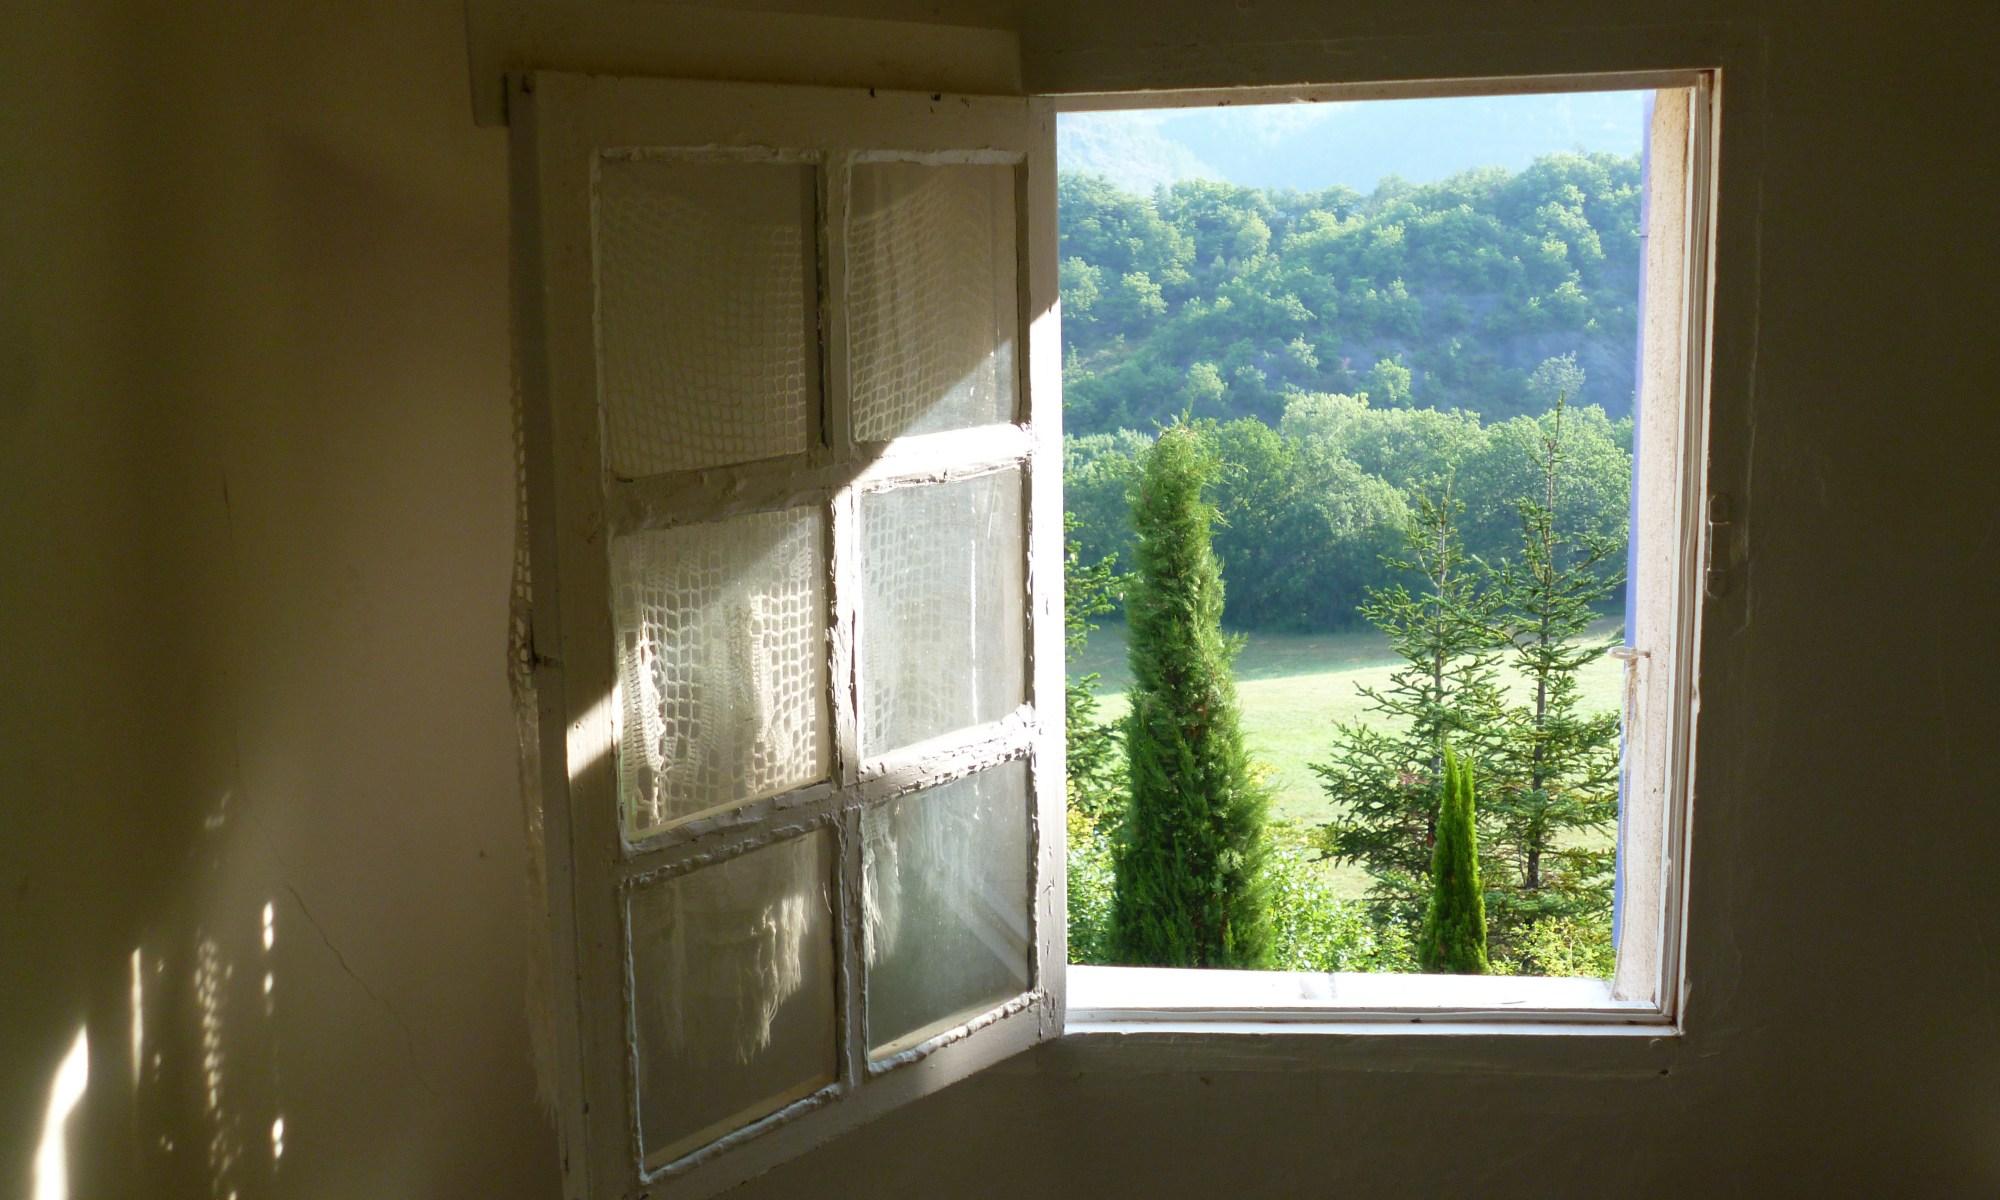 Fenêtre vers un paysage de la nature